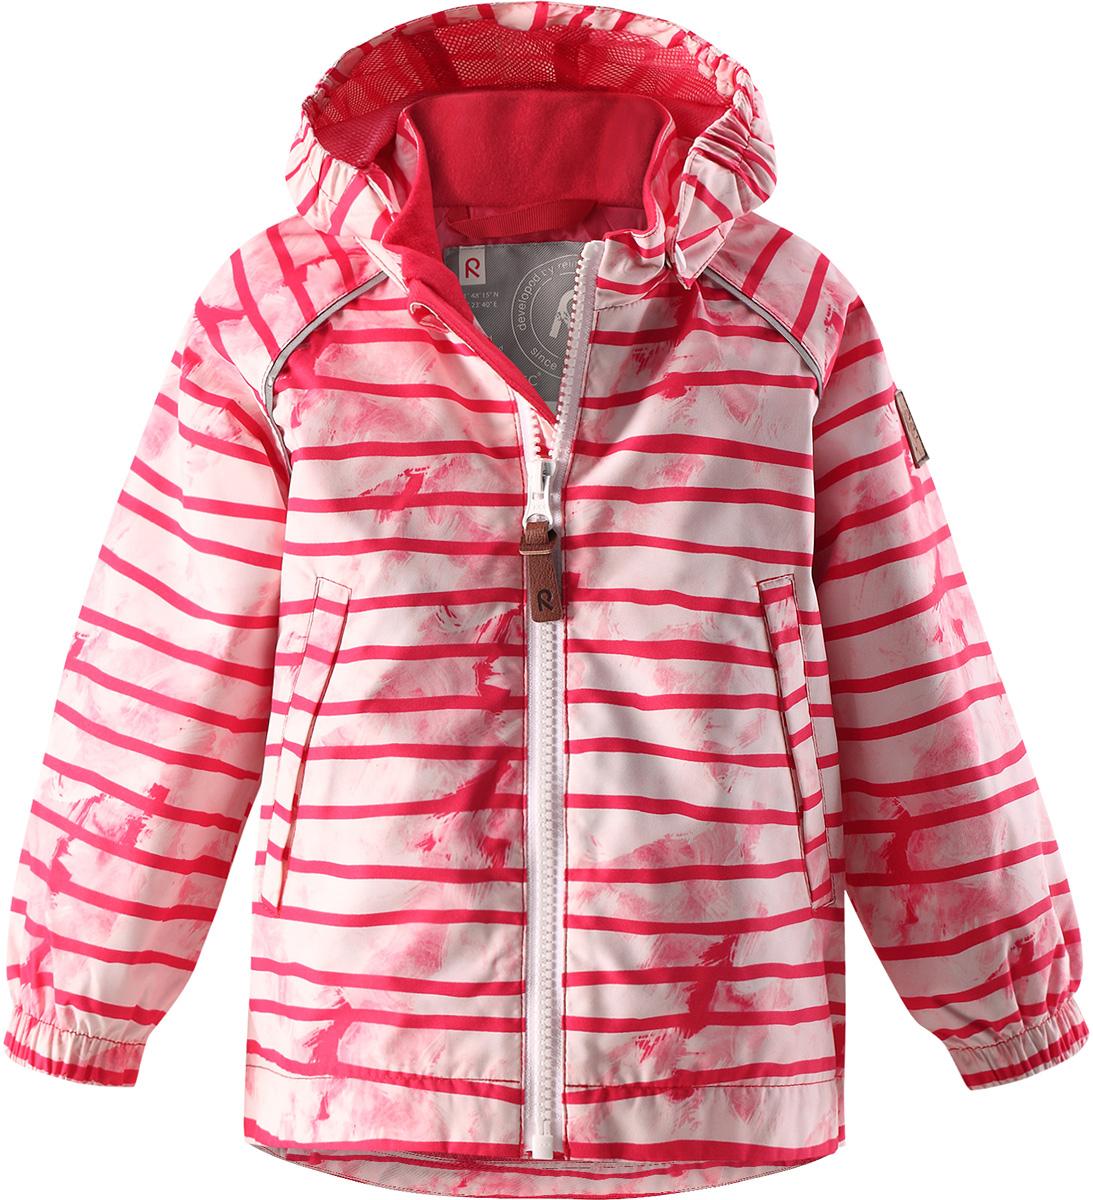 Куртка5112363366Водоотталкивающая и простая в уходе демисезонная куртка для малышей. Все основные швы проклеены, так что внутрь не просочится ни одна дождинка. Ветронепроницаемый материал имеет грязеотталкивающую поверхность. Гладкая и удобная подкладка из полиэстера облегчает надевание и не намокает от пота. Съемный капюшон защищает от пронизывающего ветра и безопасен во время игр на свежем воздухе. В куртке предусмотрены два кармана и светоотражающие детали.